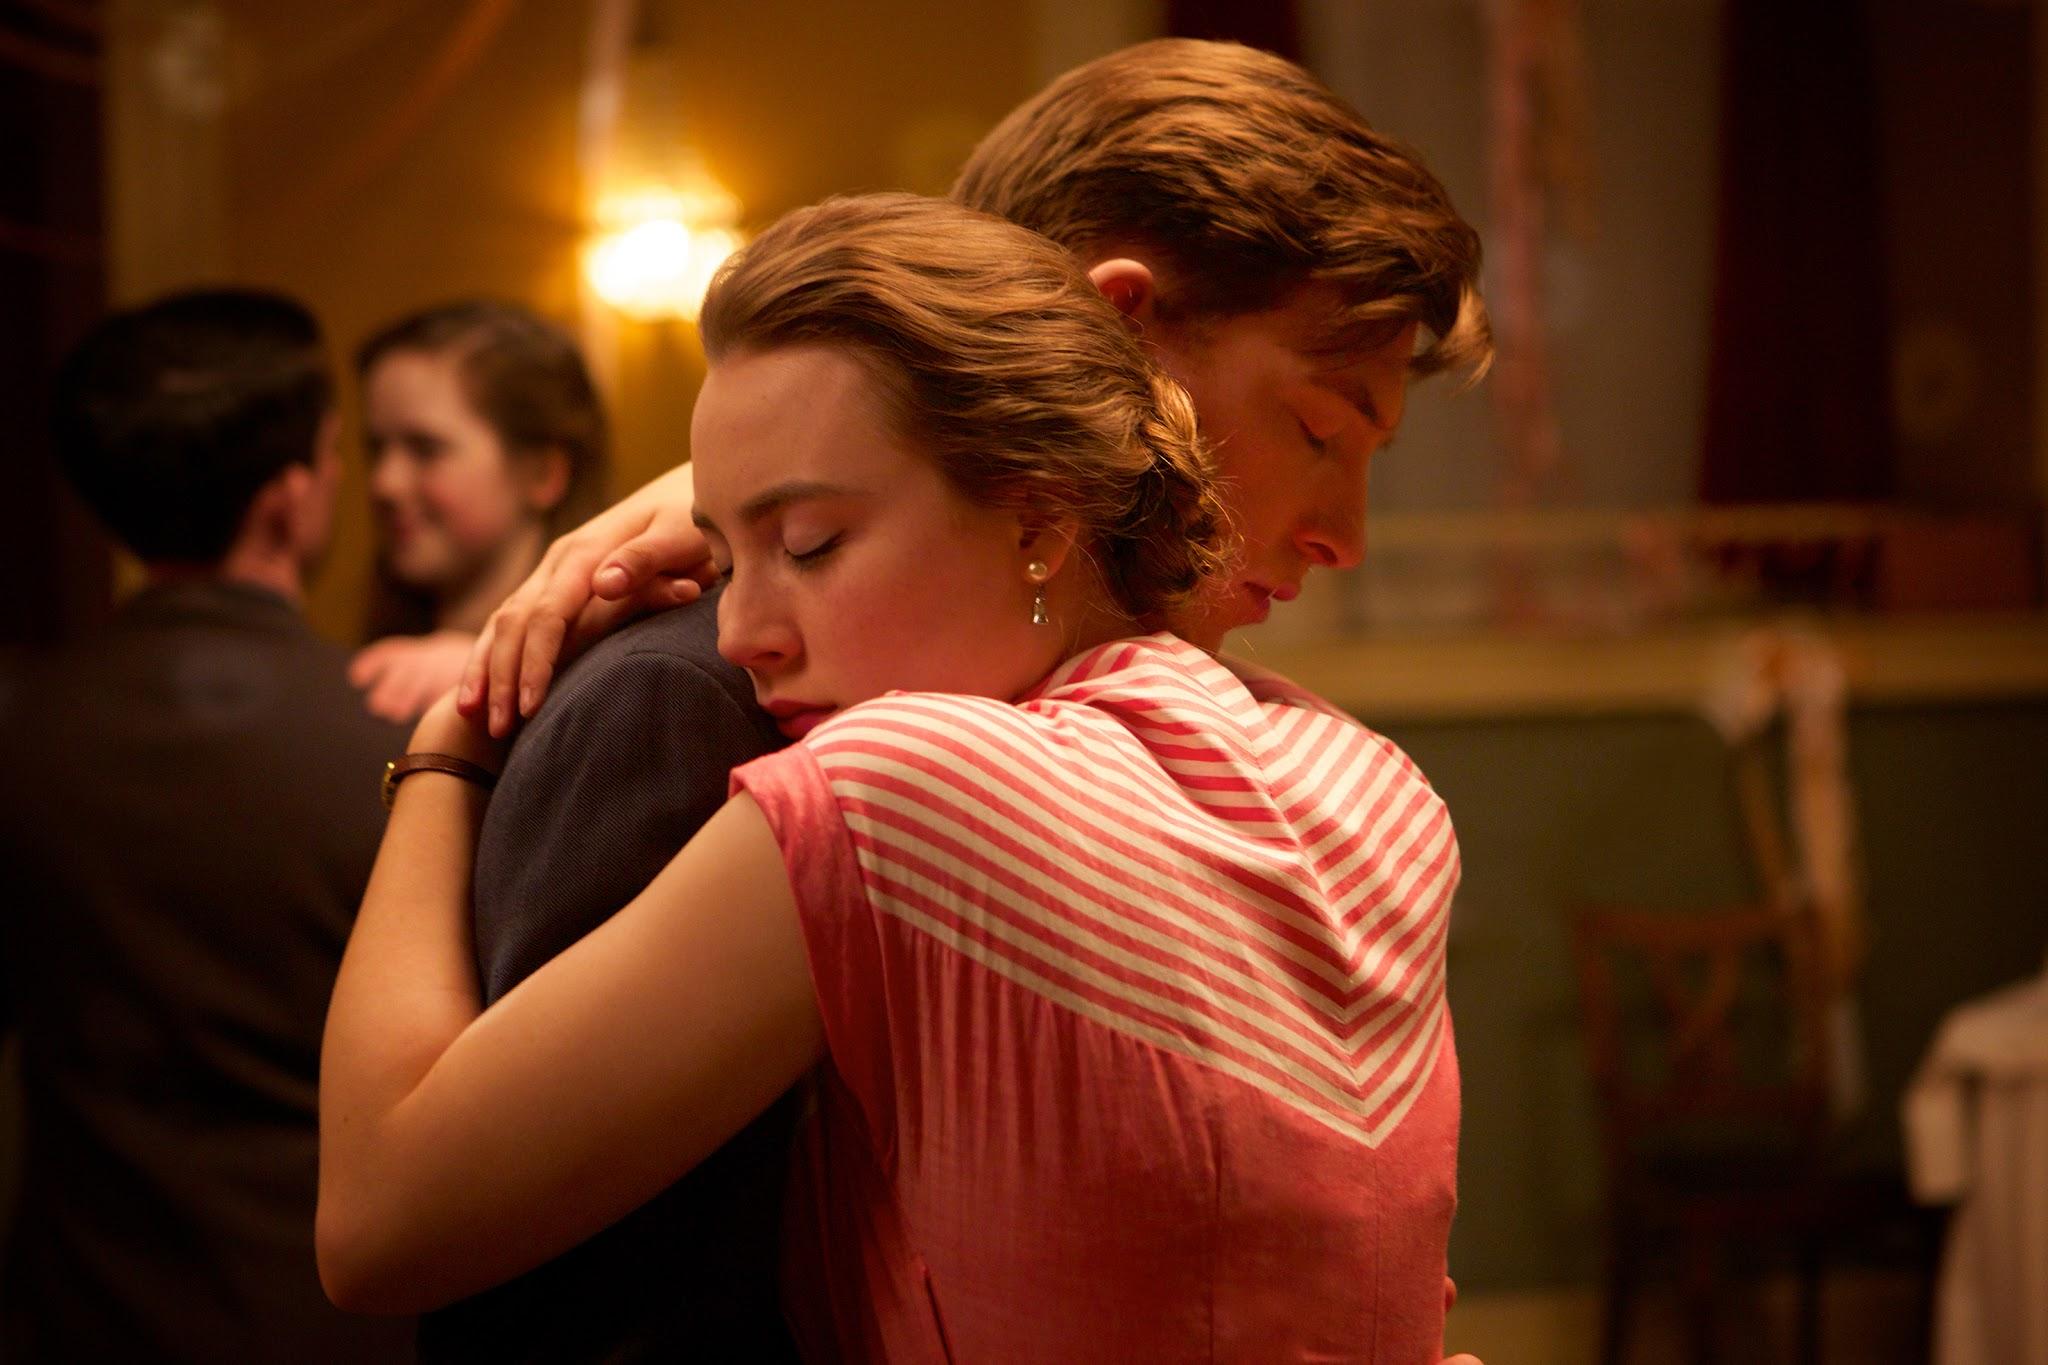 'Lady Bird' Star Saoirse Ronan to Accept Santa Barbara Award